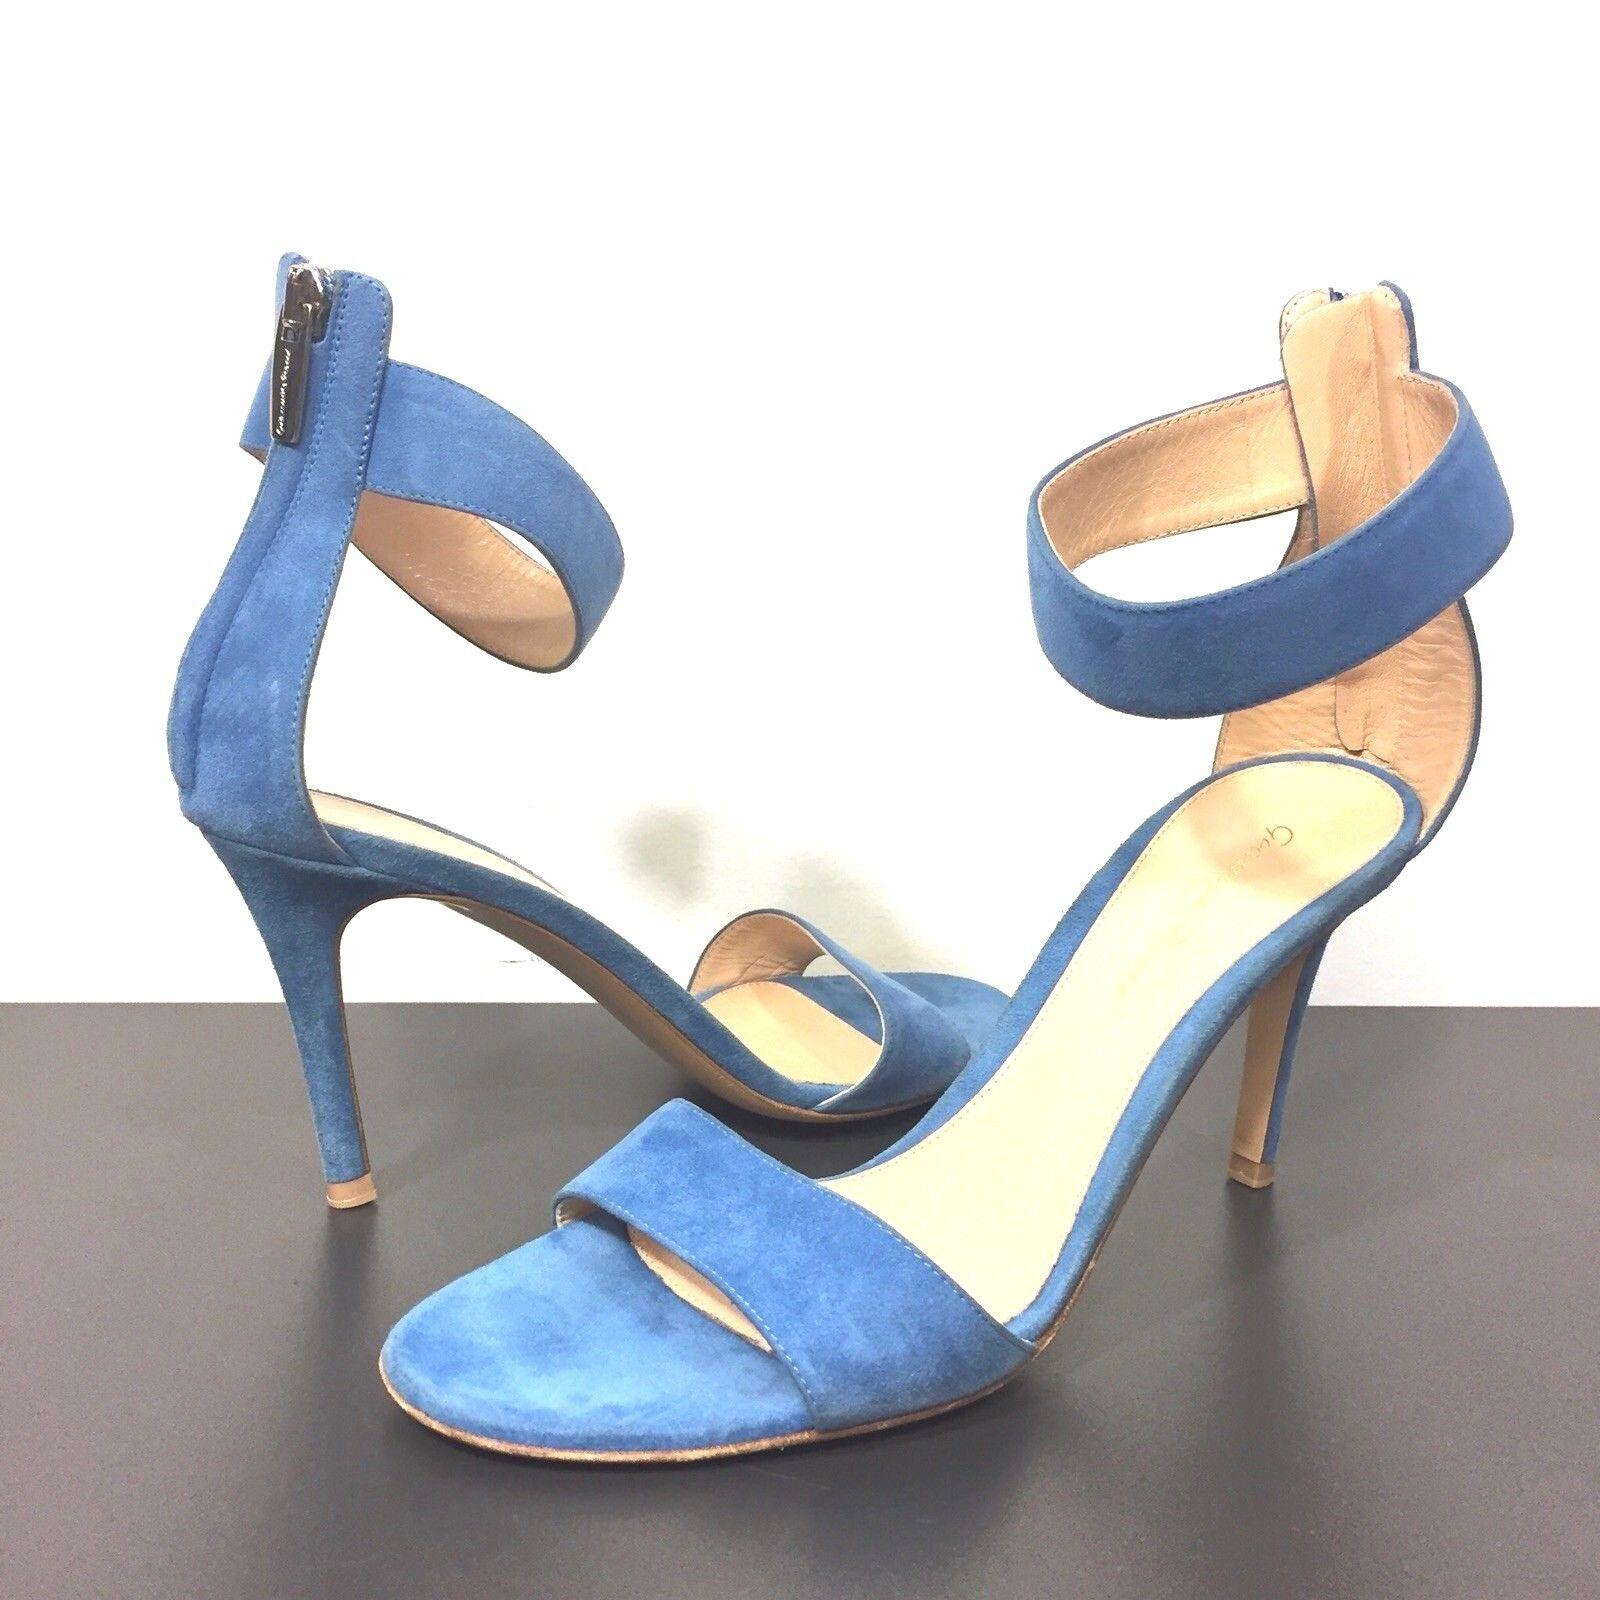 Gianvito Rossi Banda Ancha De Gamuza Tobillo Puño Zapatos De De De Taco Cremallera Azul 37 (precio minorista sugerido por el fabricante  795)  compra limitada